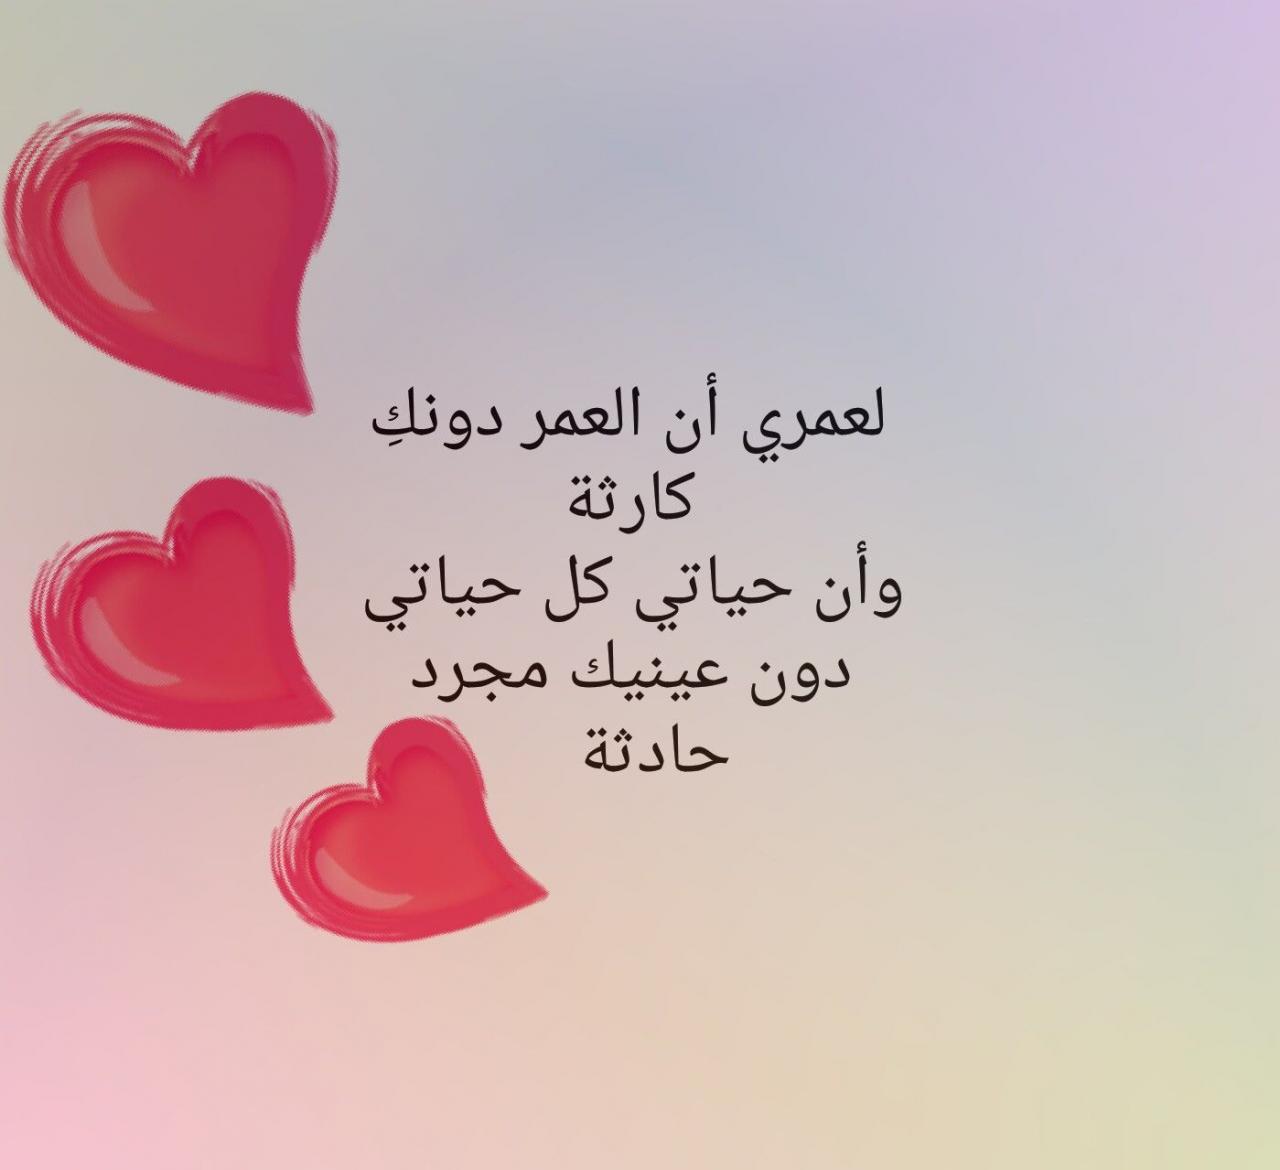 اشعار قصائد حب شعر غزل و رزمانسيه الغدر والخيانة